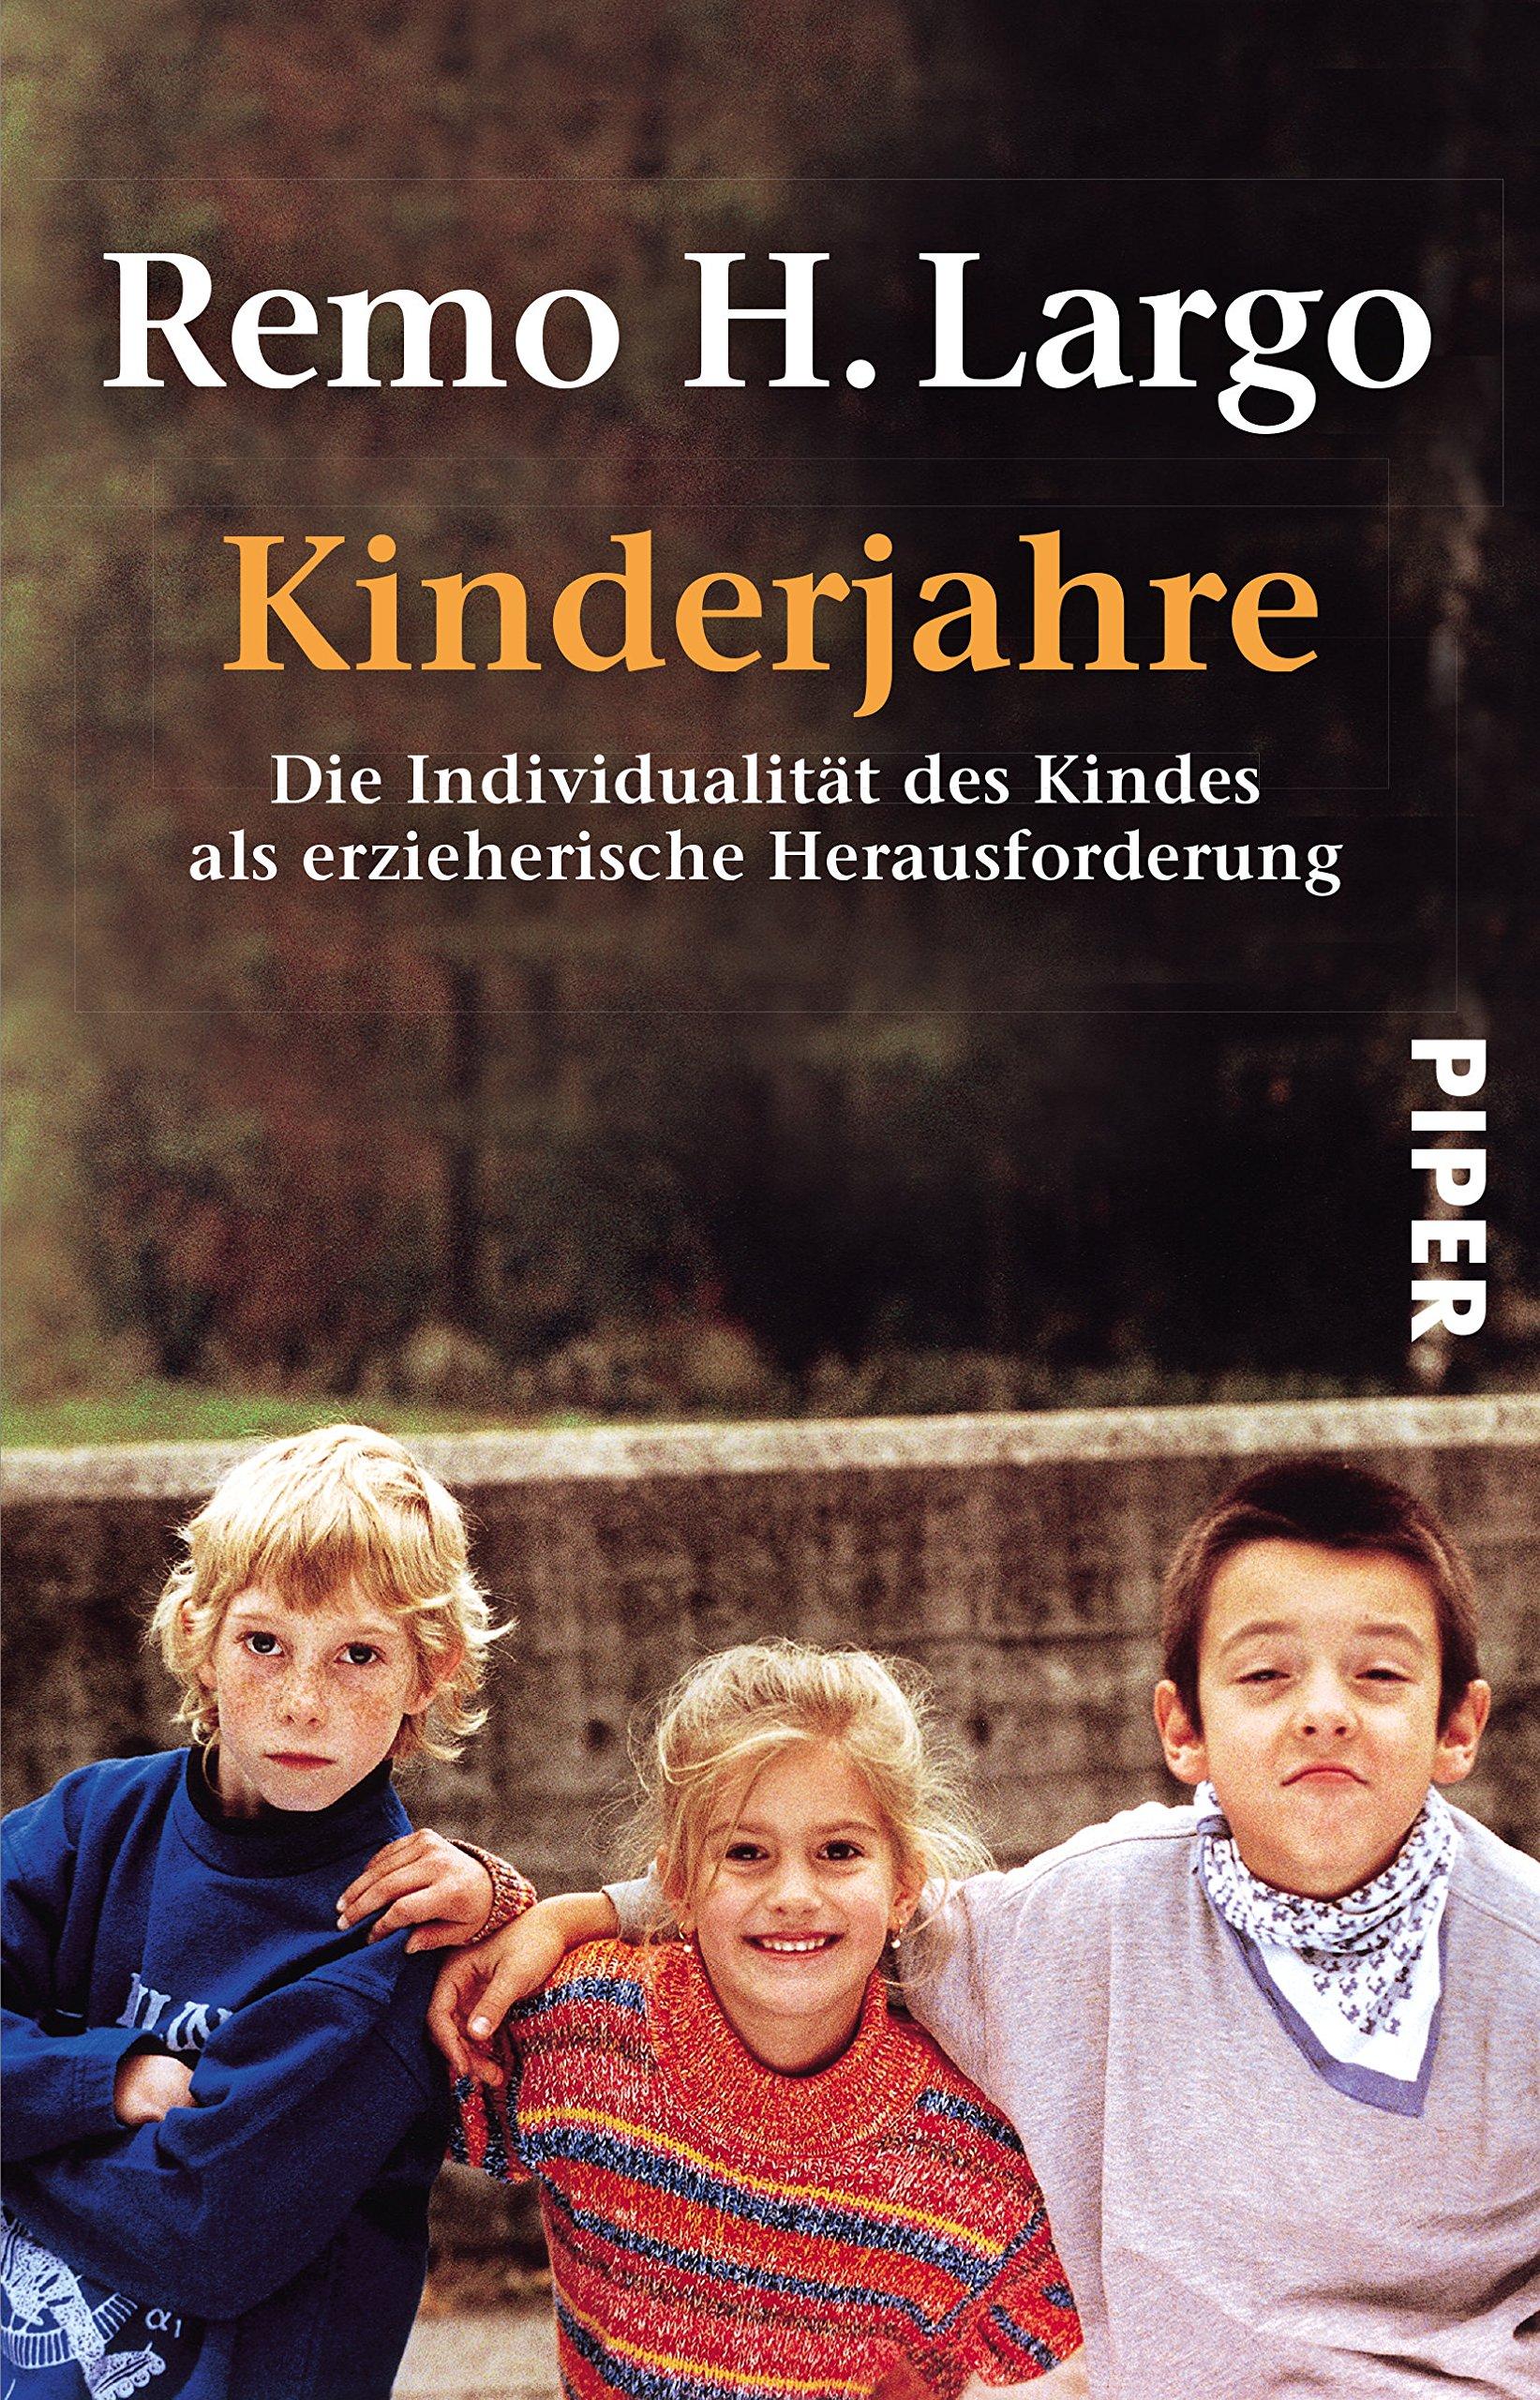 Kinderjahre: Die Individualität des Kindes als erzieherische Herausforderung Taschenbuch – 1. November 2000 Remo H. Largo Piper 3492232183 Bildung